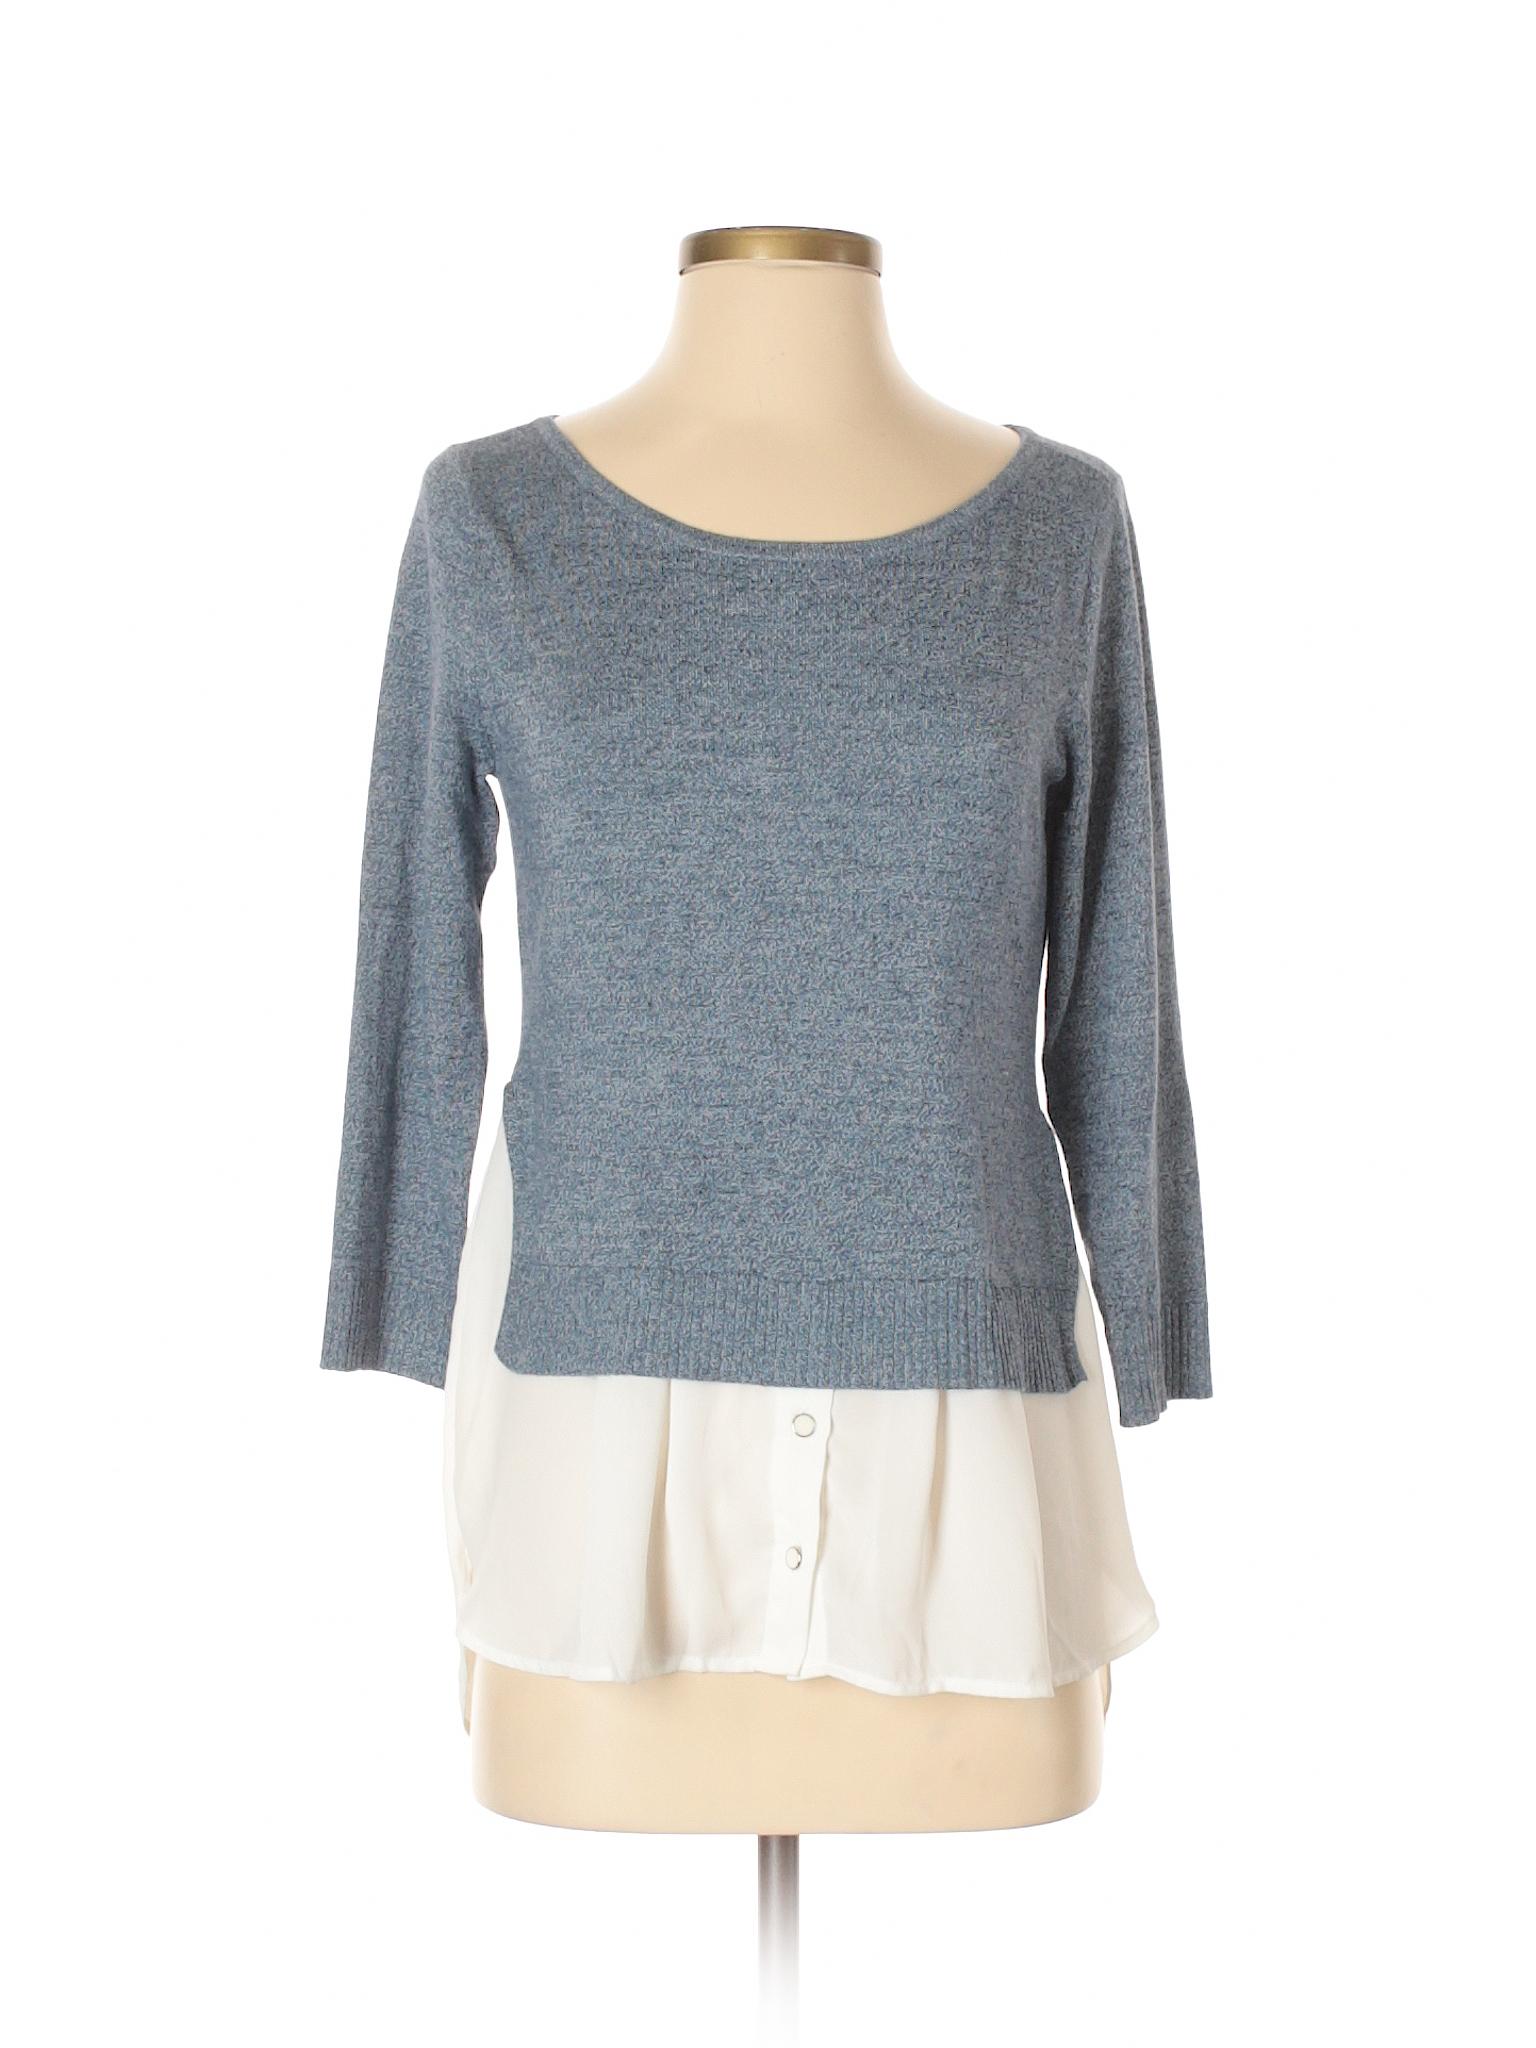 Boutique New Studio Avenue Company 7th amp; Pullover Design winter Sweater York rRx7S6rq